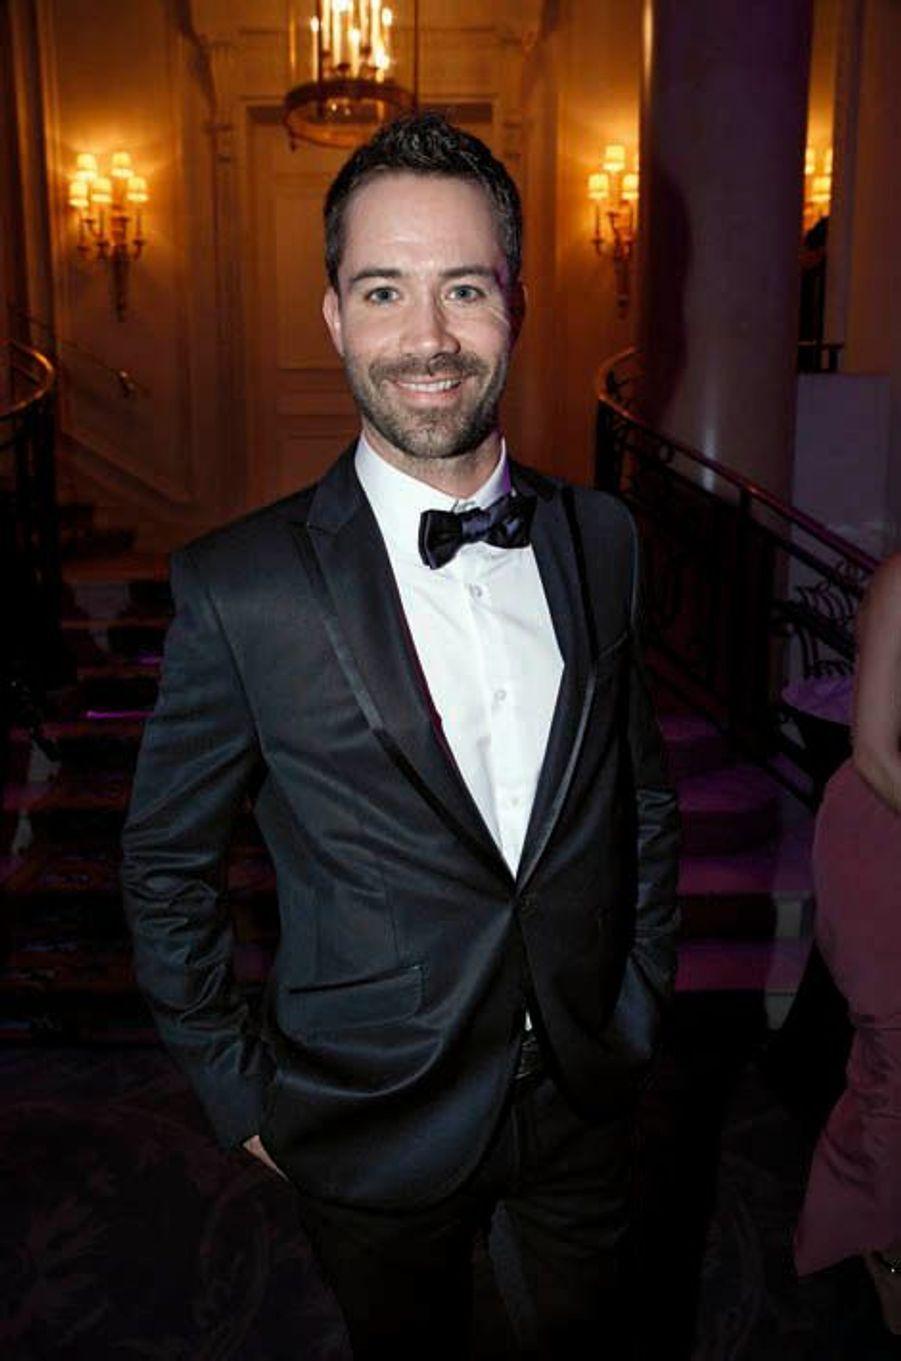 Vainqueur de « Danse avec les stars », Emmanuel Moire a sorti « Le chemin », un CD intimiste.